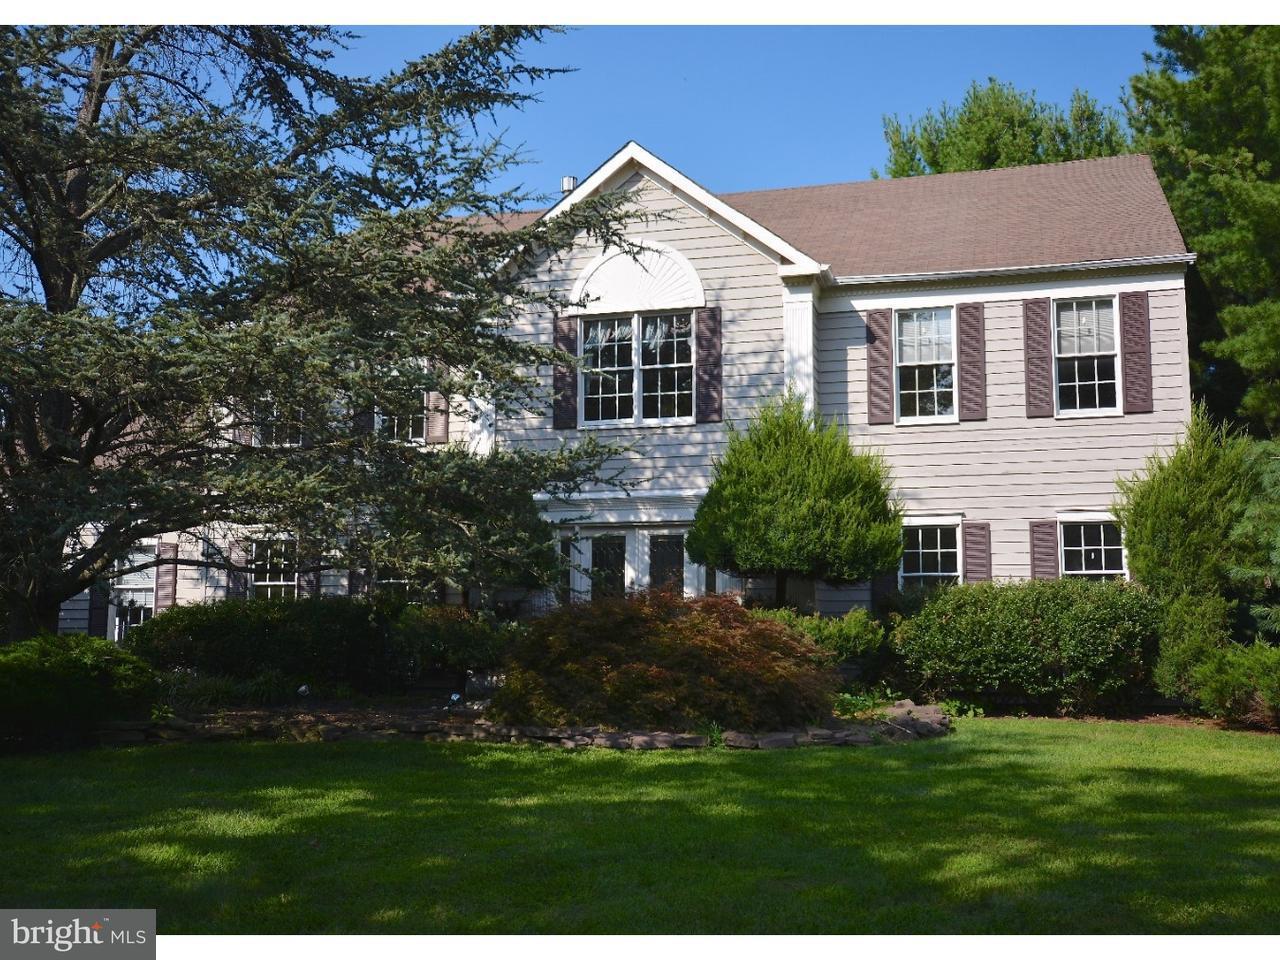 Casa Unifamiliar por un Venta en 1405 UXBRIDGE WAY North Wales, Pennsylvania 19454 Estados Unidos